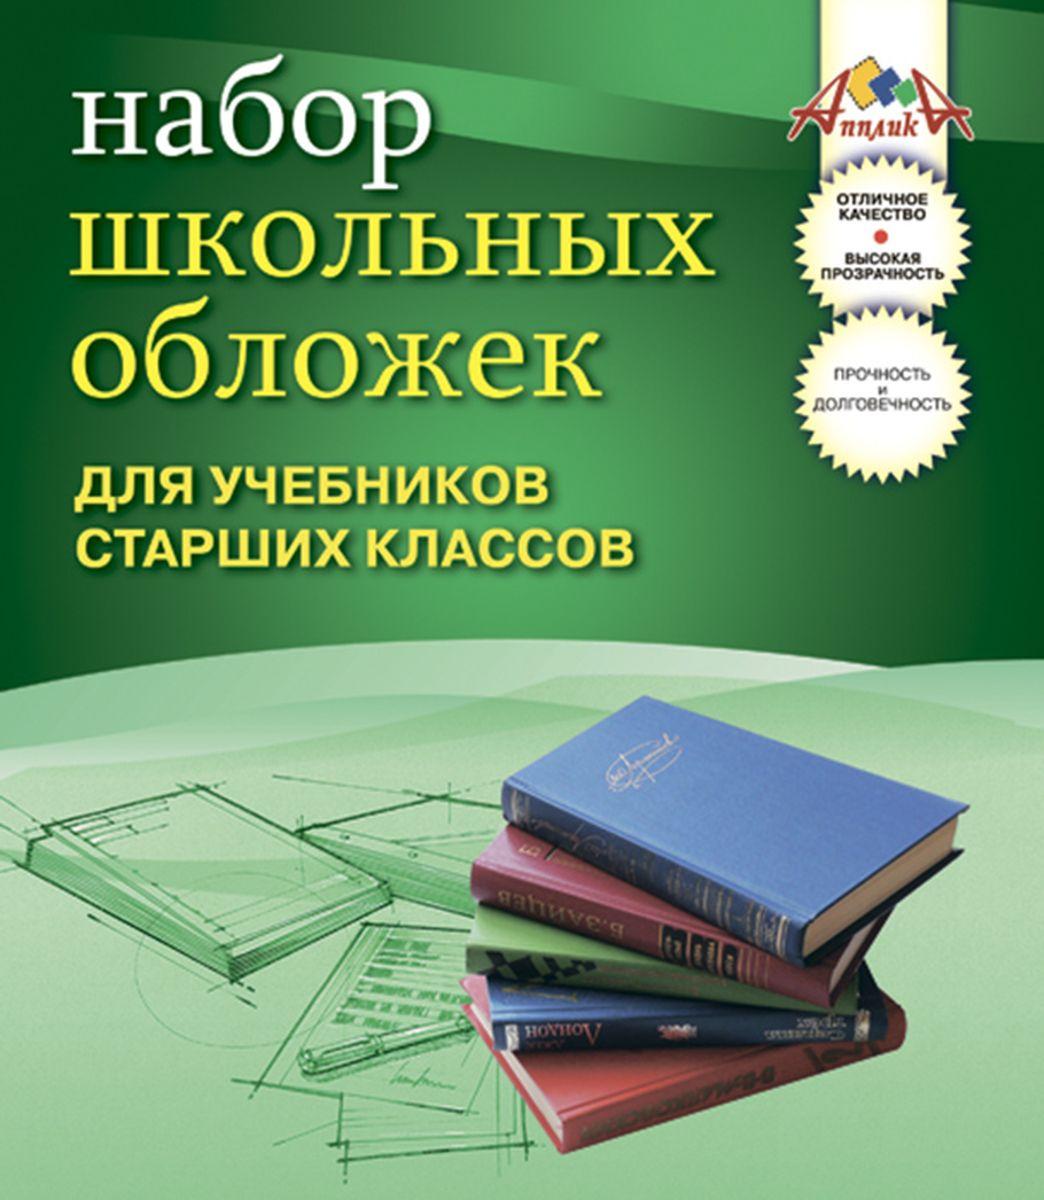 Апплика Набор обложек для учебников старших классов 10 шт  #1